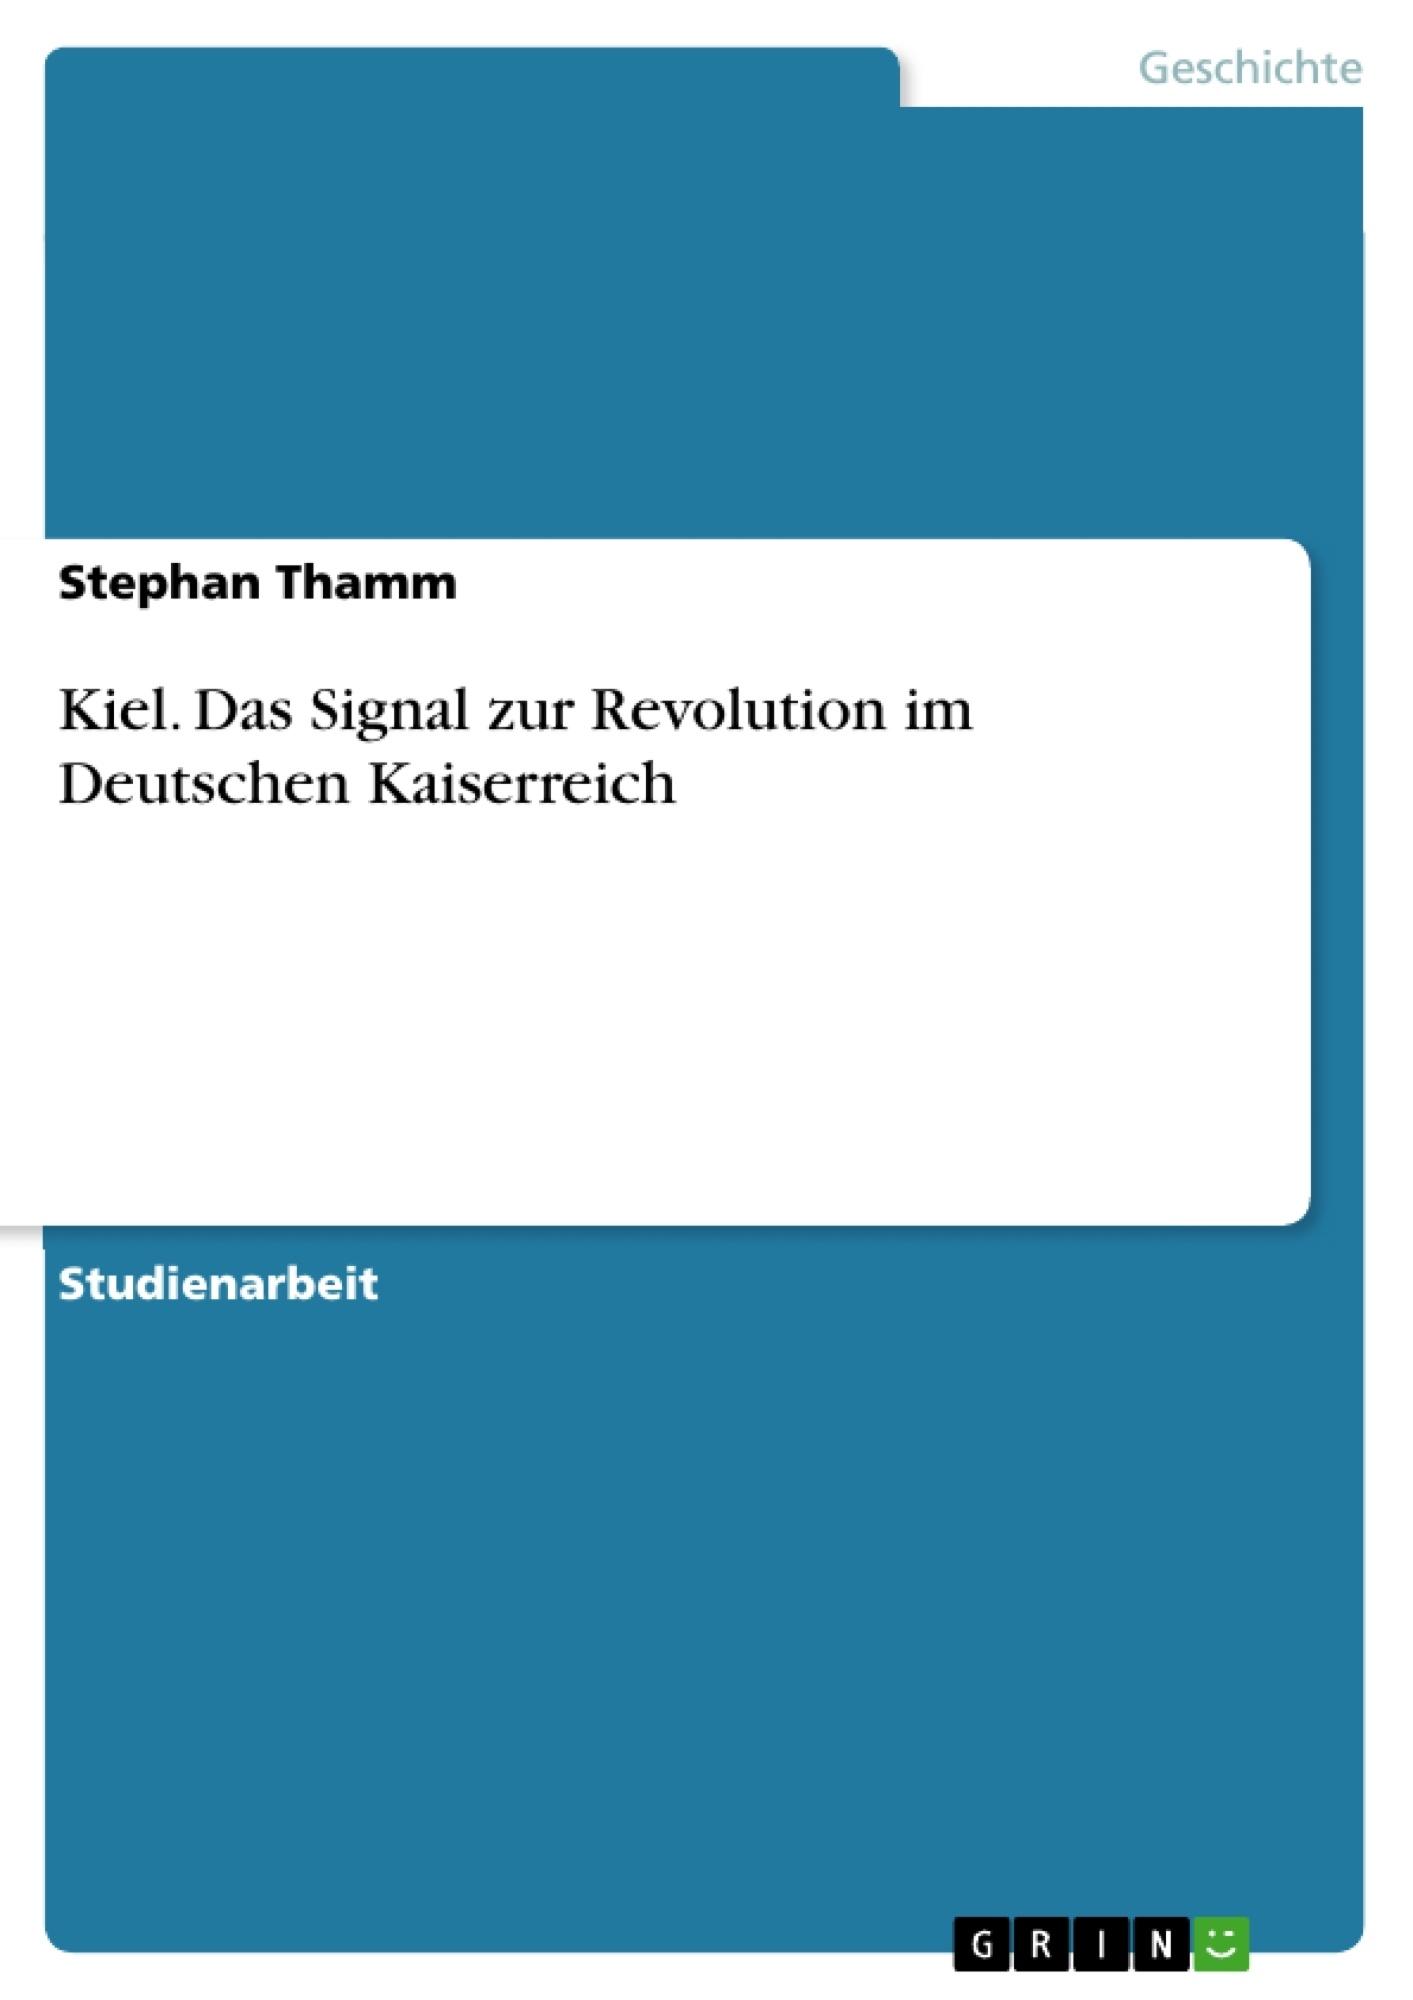 Titel: Kiel. Das Signal zur Revolution im Deutschen Kaiserreich